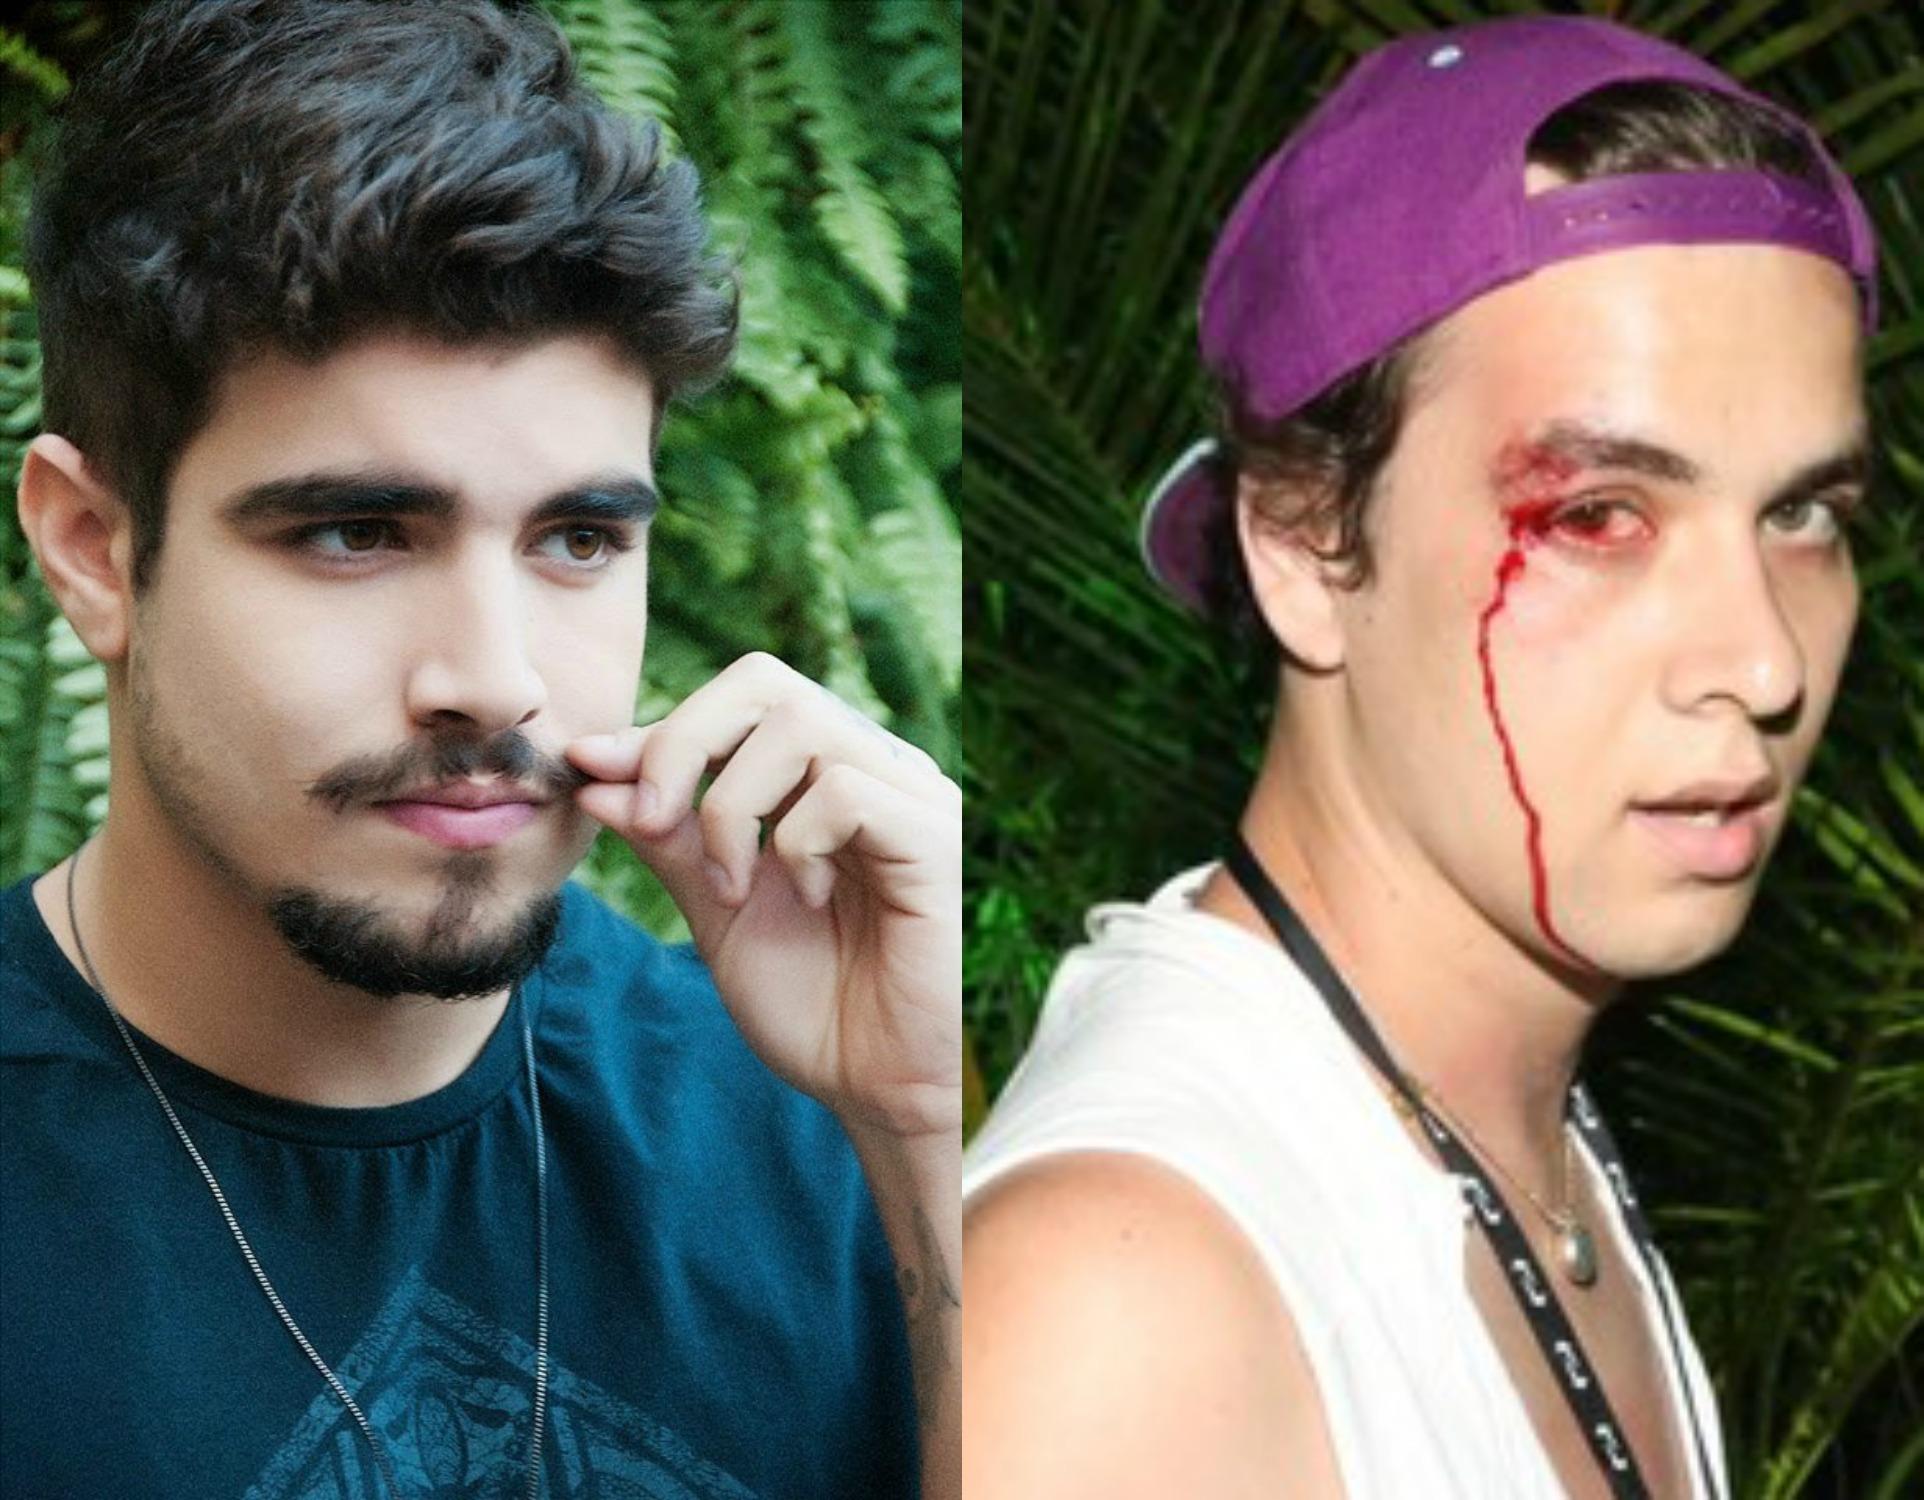 Fotógrafo processa Caio Castro após agressão do ator - Folha PE